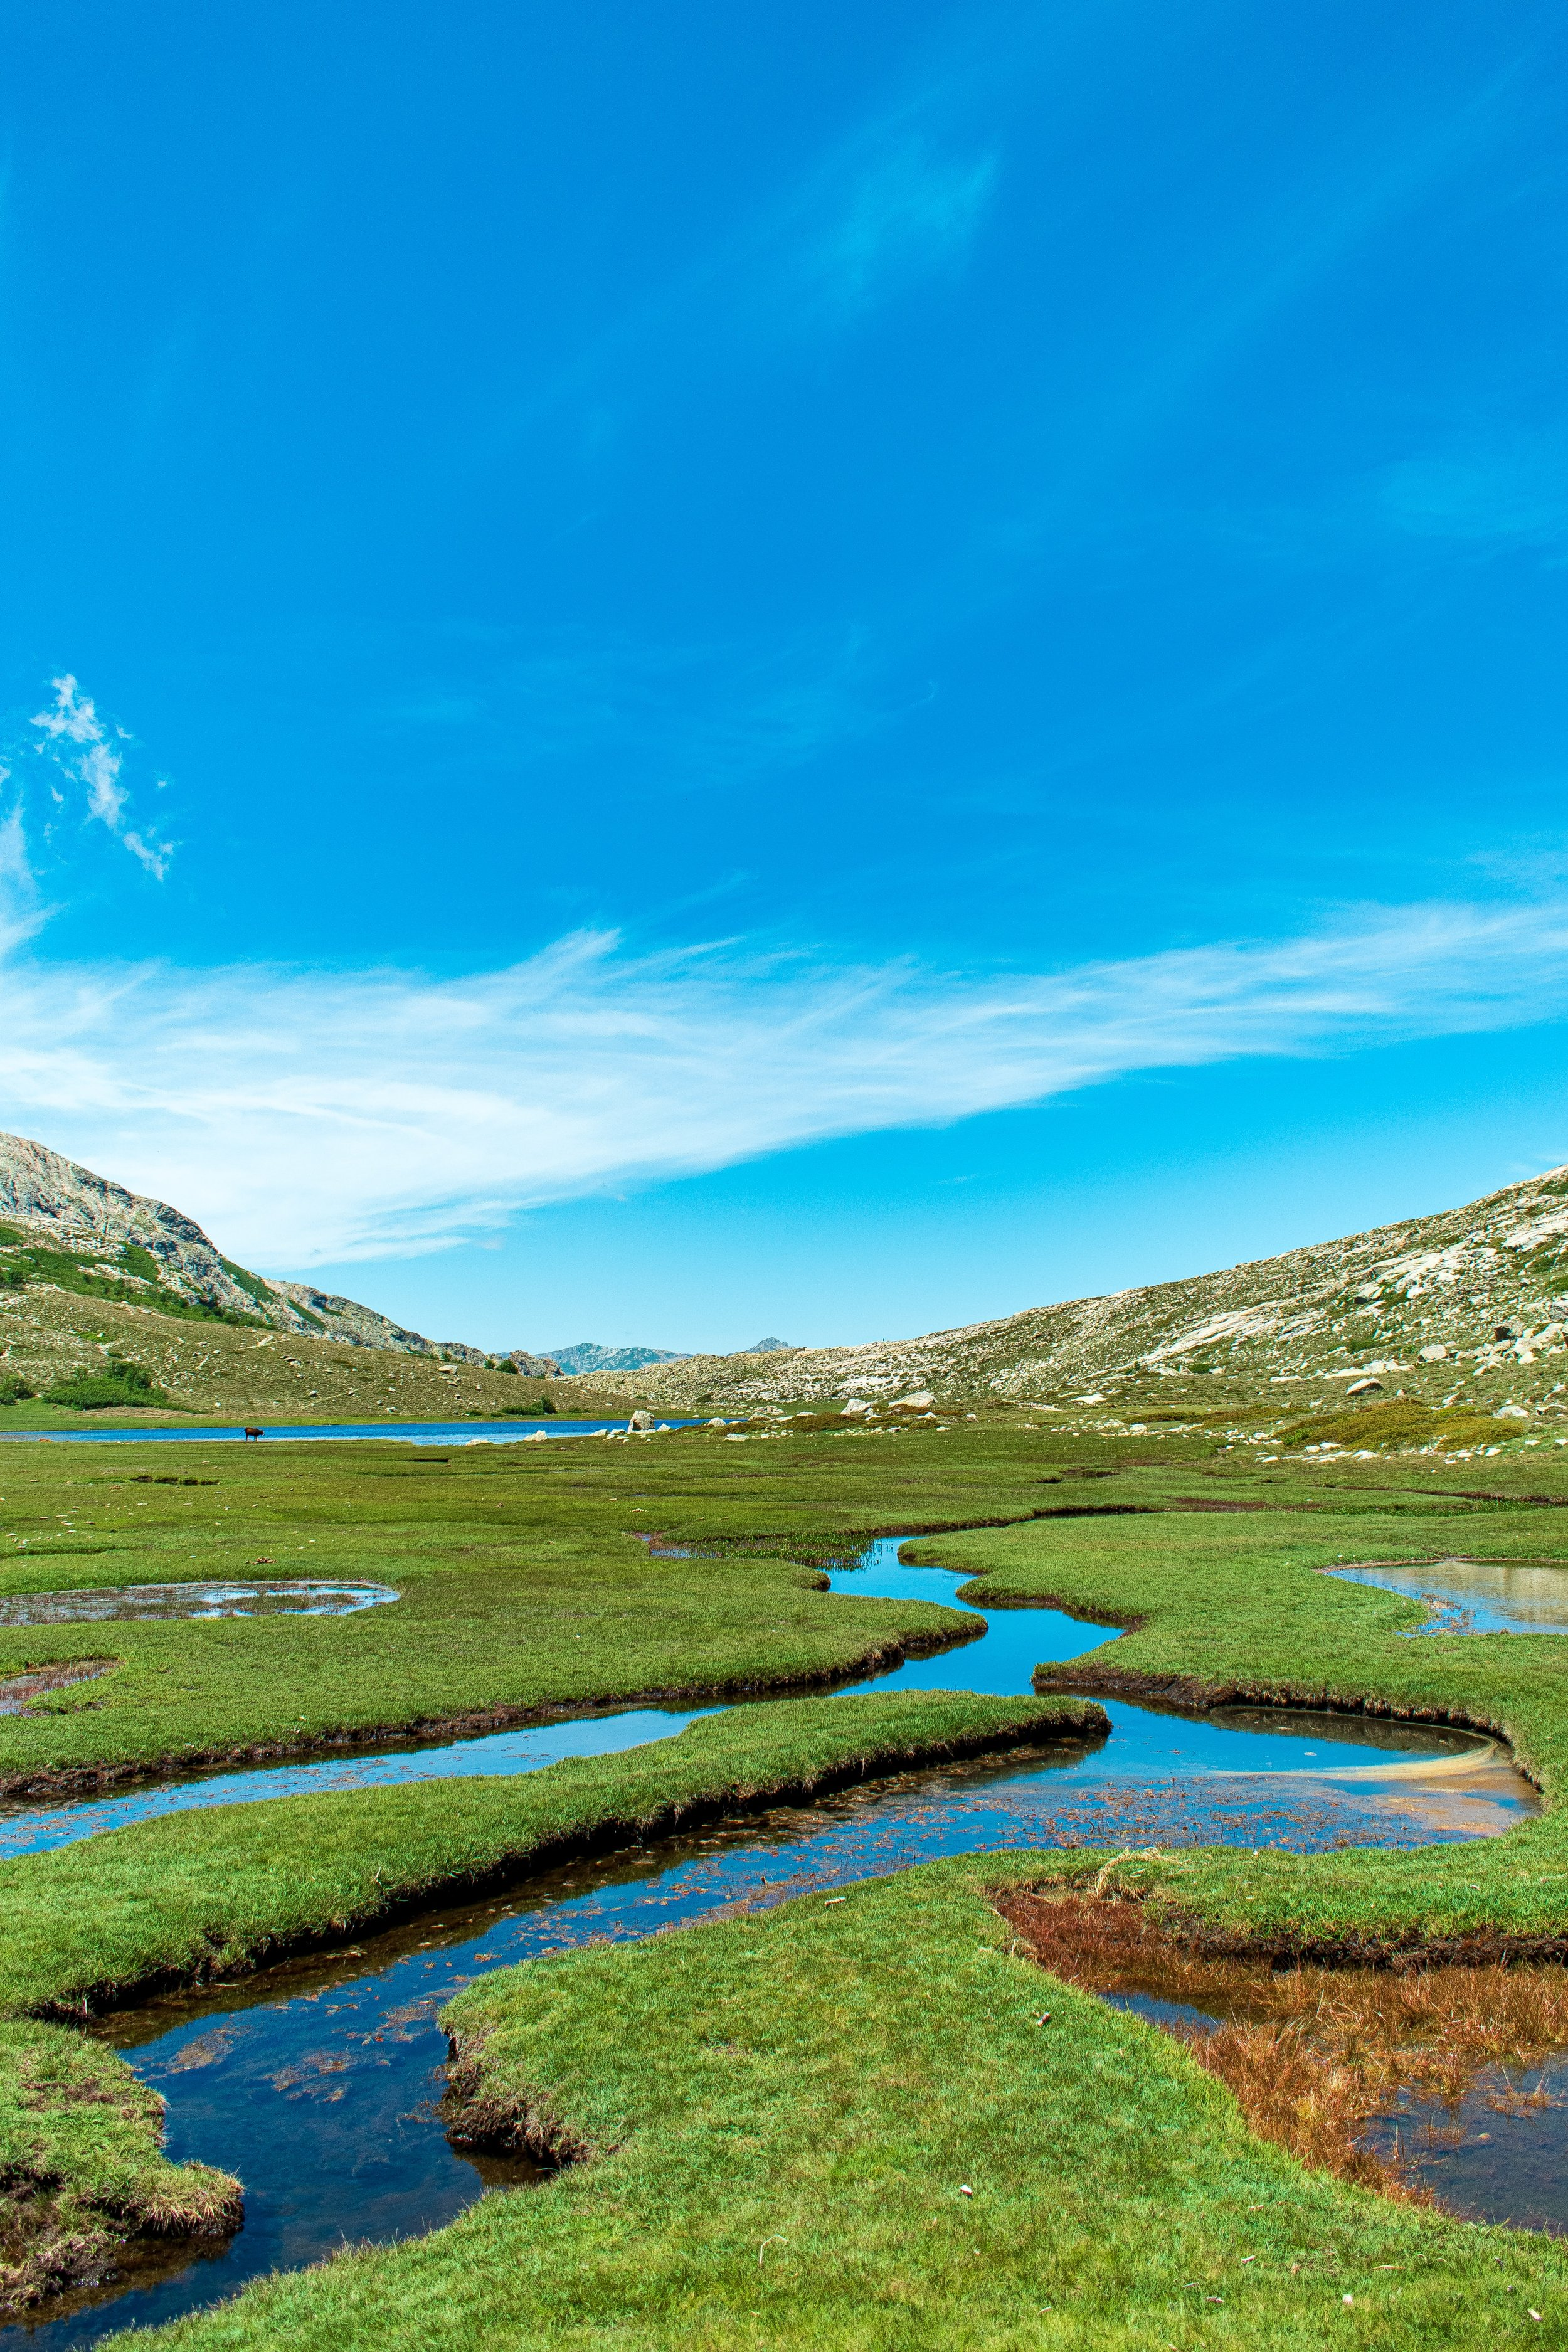 Il Lac di Ninu, in Francia, in una fotografia di Arnaud Schildknecht.